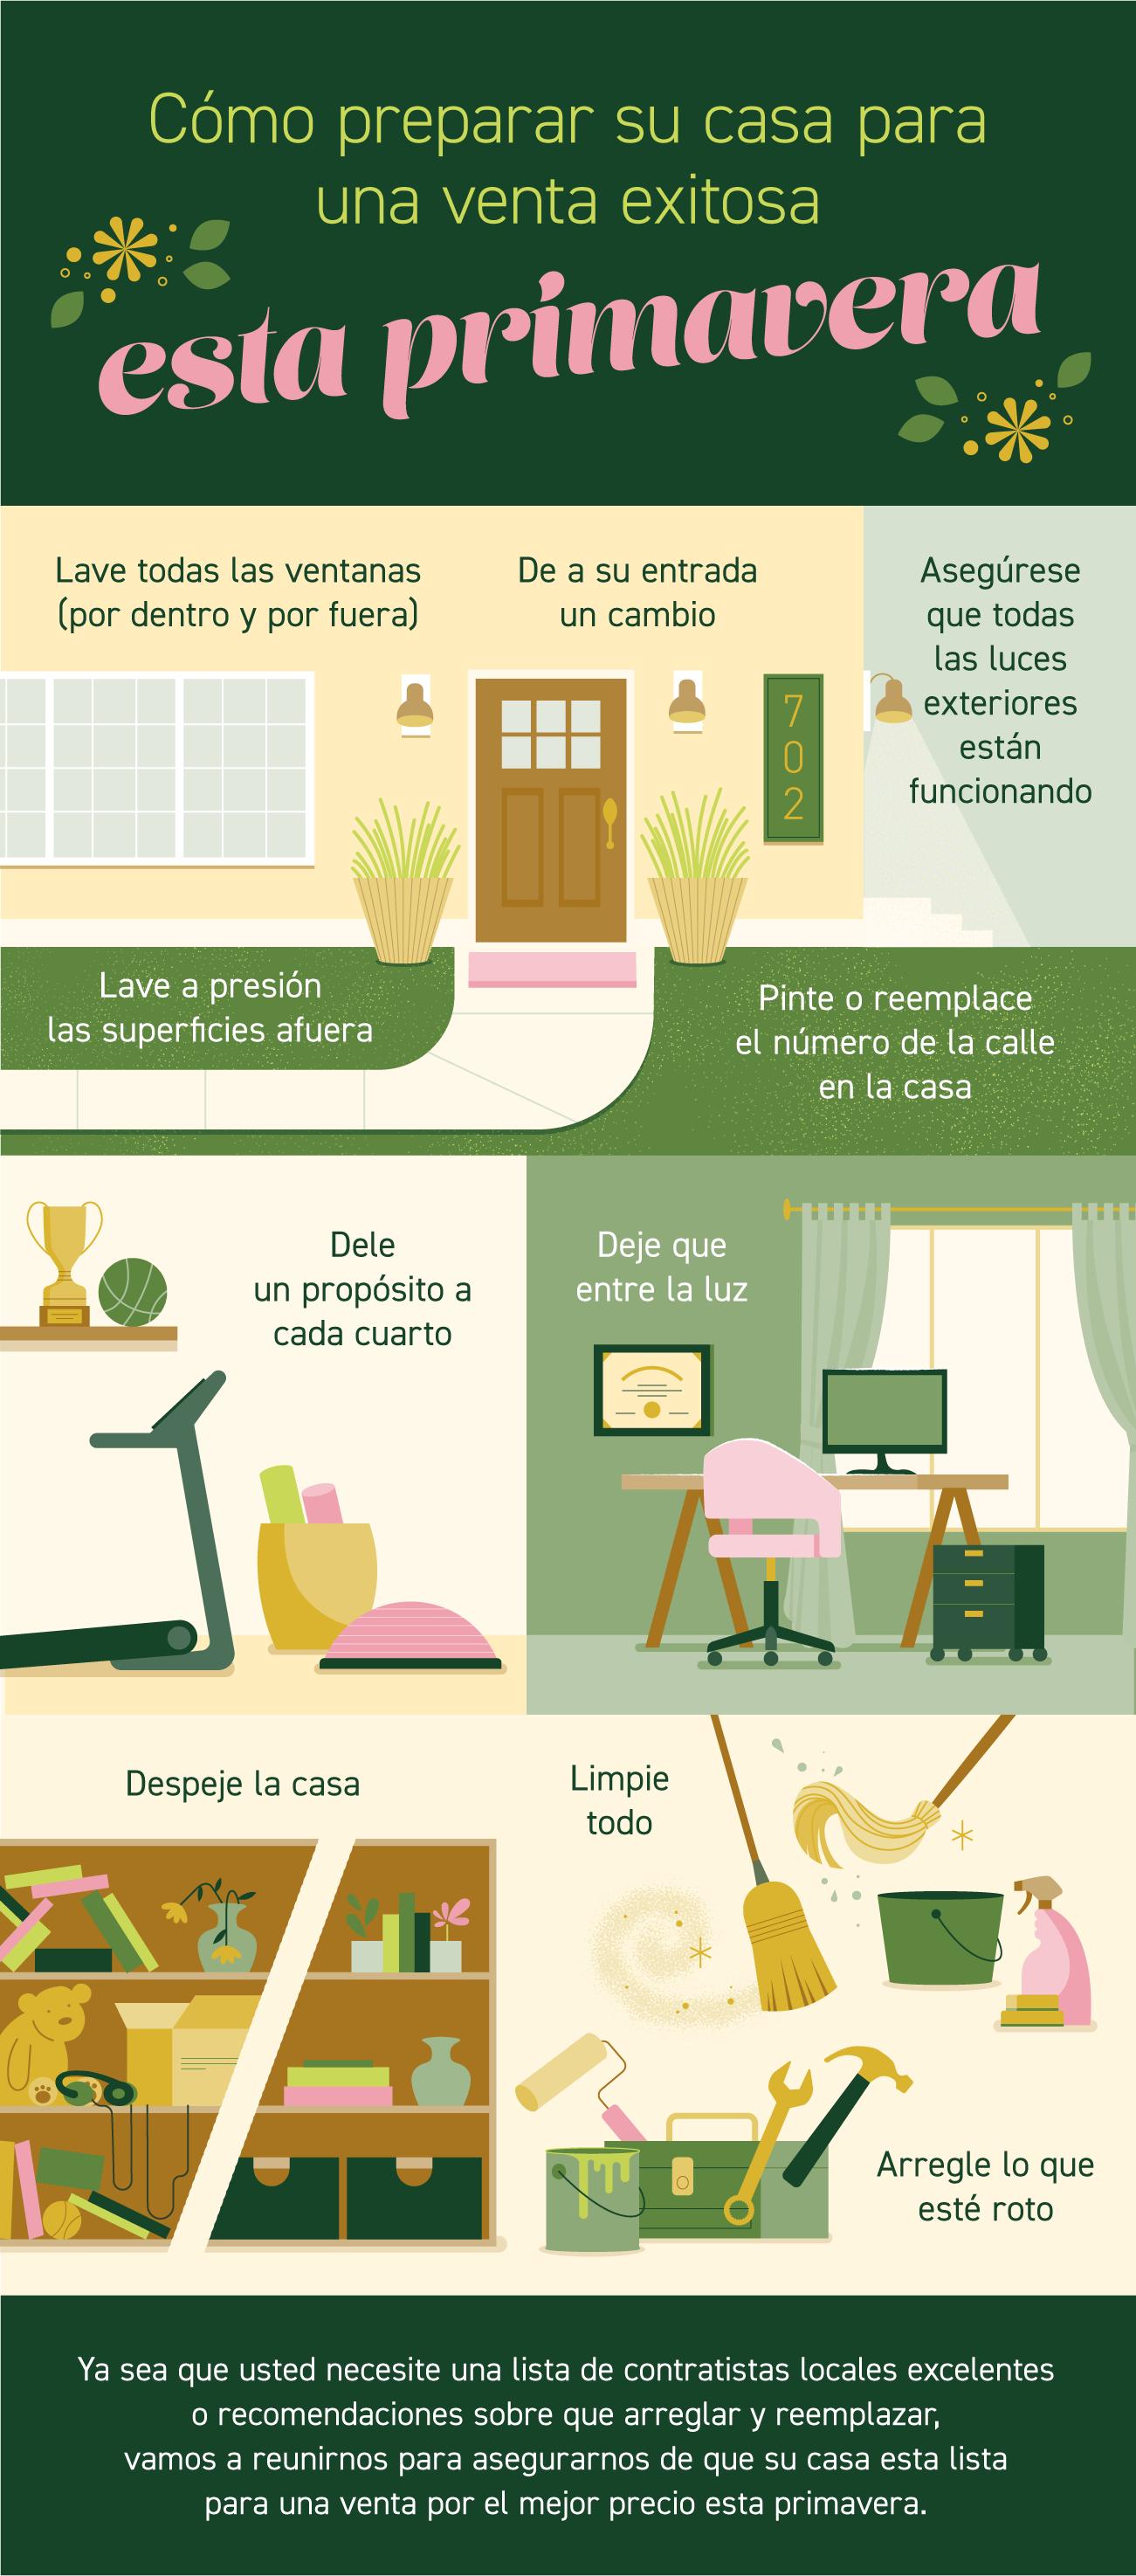 Cómo preparar su casa para una venta exitosa esta primavera [infografía] | Simplifying The Market